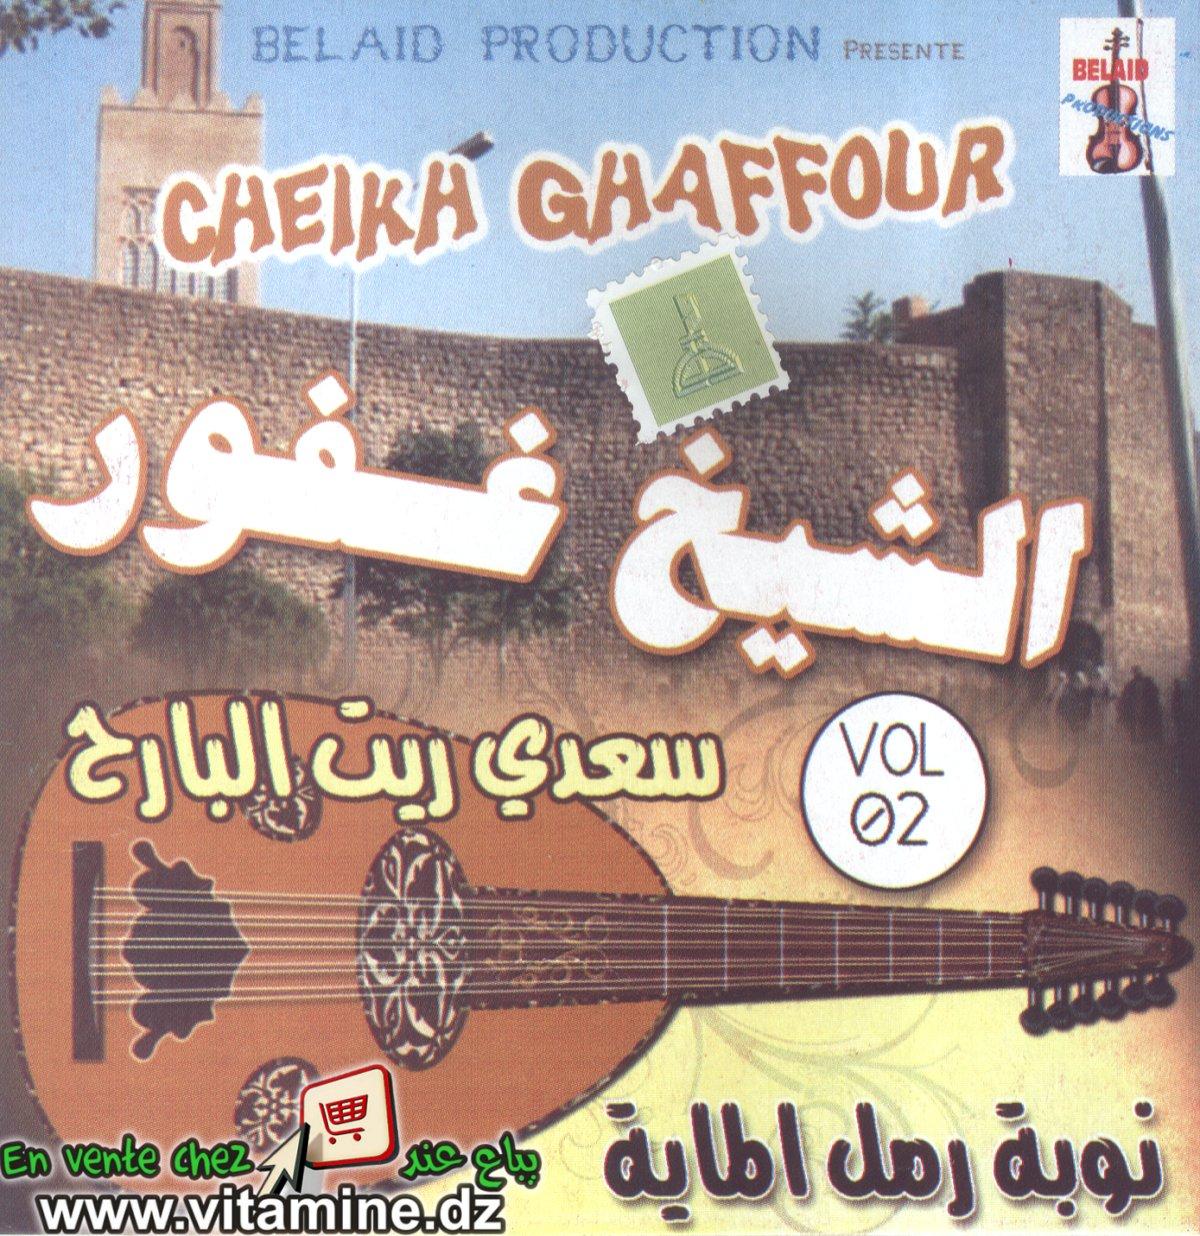 Cheikh Ghaffour vol2